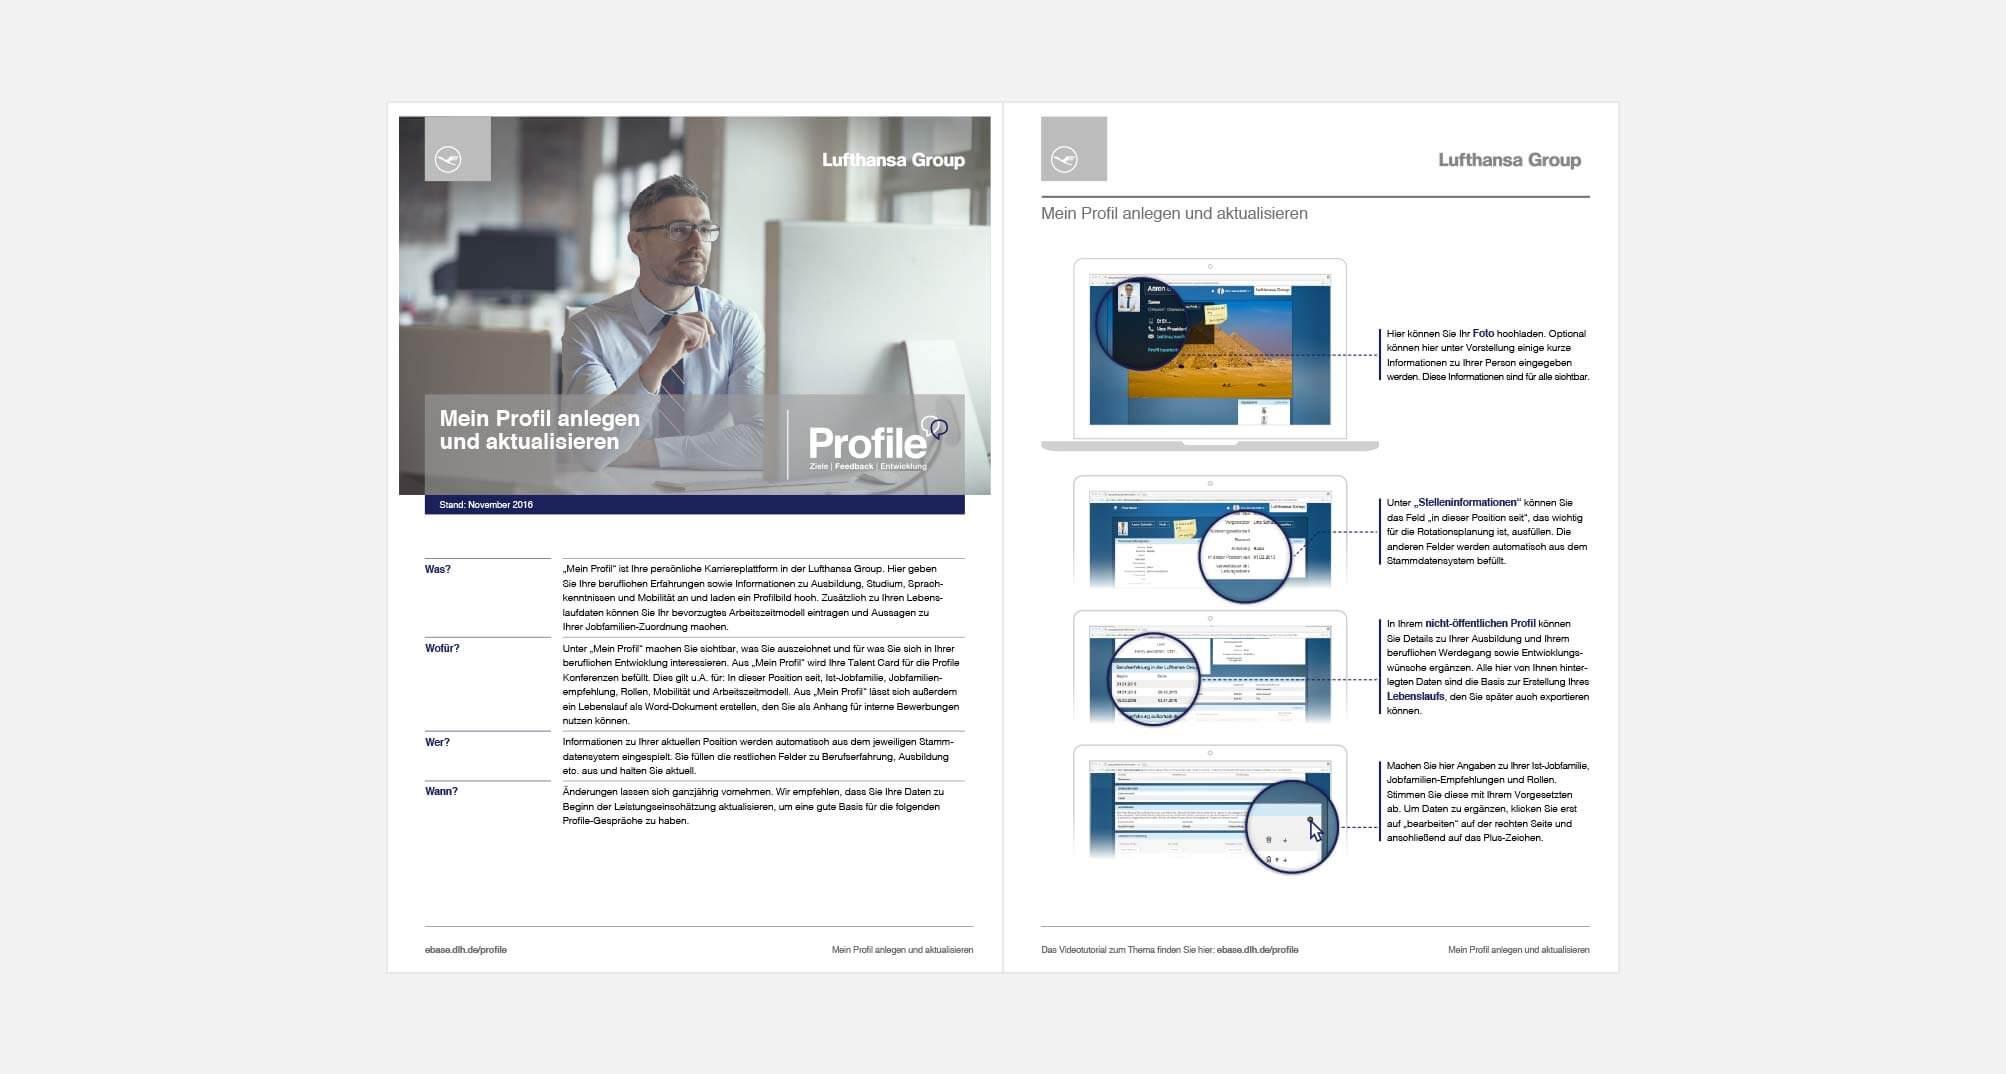 360VIER_Lufthansa_teaser-image-11 Deutsche Lufthansa AG